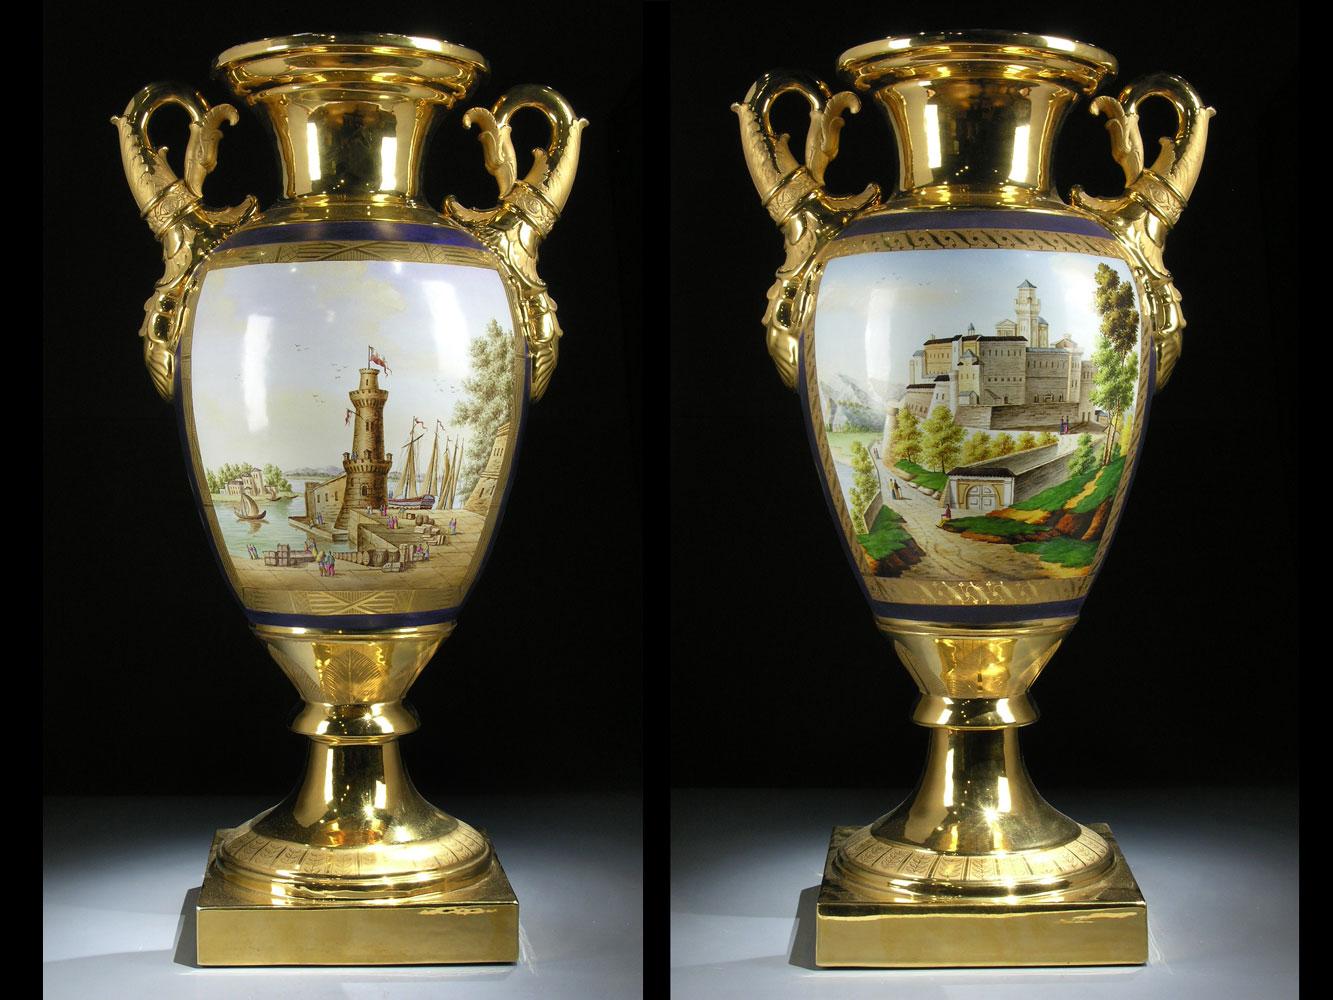 Paar bedeutende Pariser Porzellanvasen mit vier Ansichten des früheren Monaco, um 1825-1830.